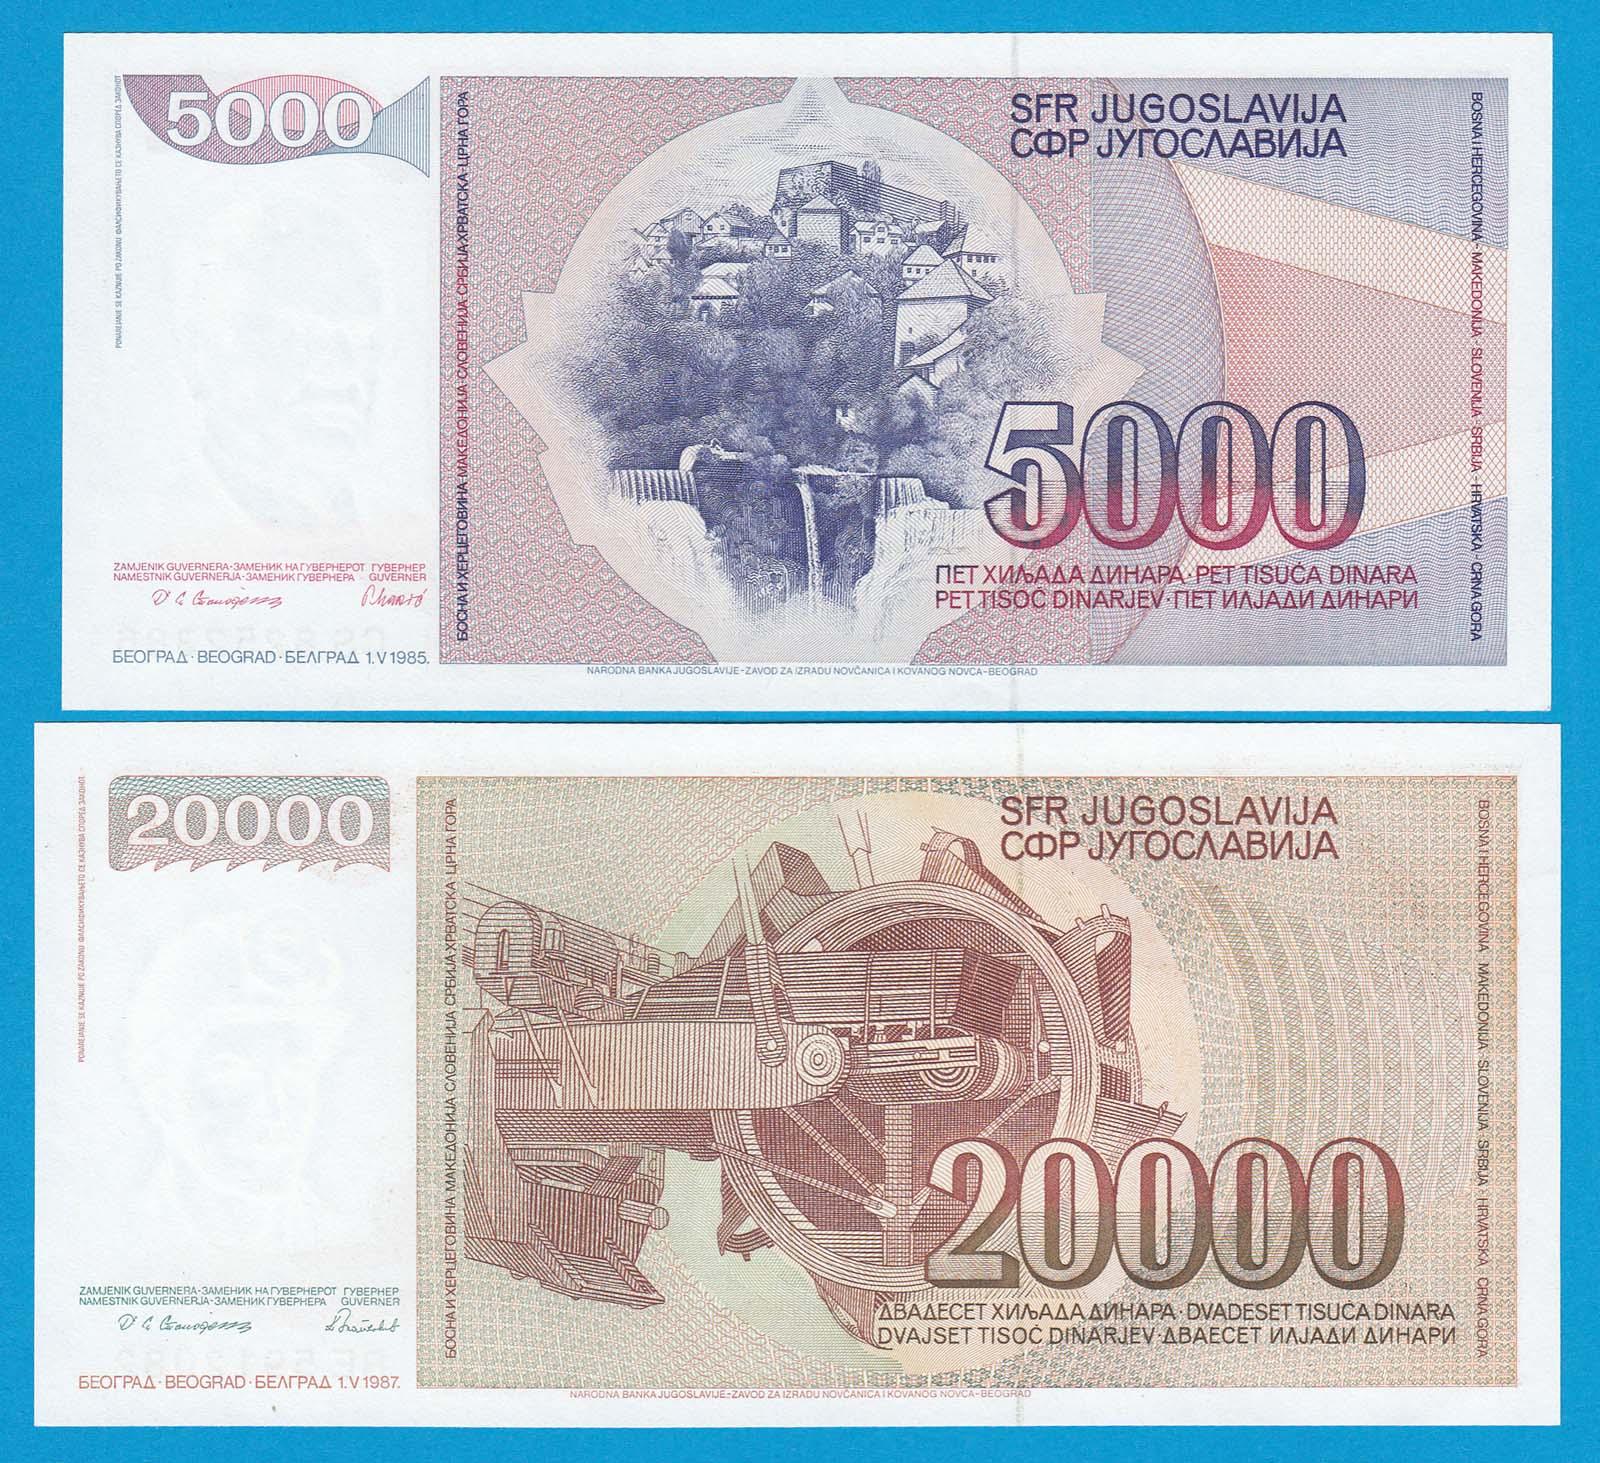 Währungsrechner Serbischer Dinar - Exchange Rates RSD - aktuell und historisch. Der serbische Dinar (Abkürzung: Din.) ist die offizielle Währung in Serbien, einem Binnenstaat in Südosteuropa, der im Norden an Ungarn und im Süden an Mazedonien grenzt.